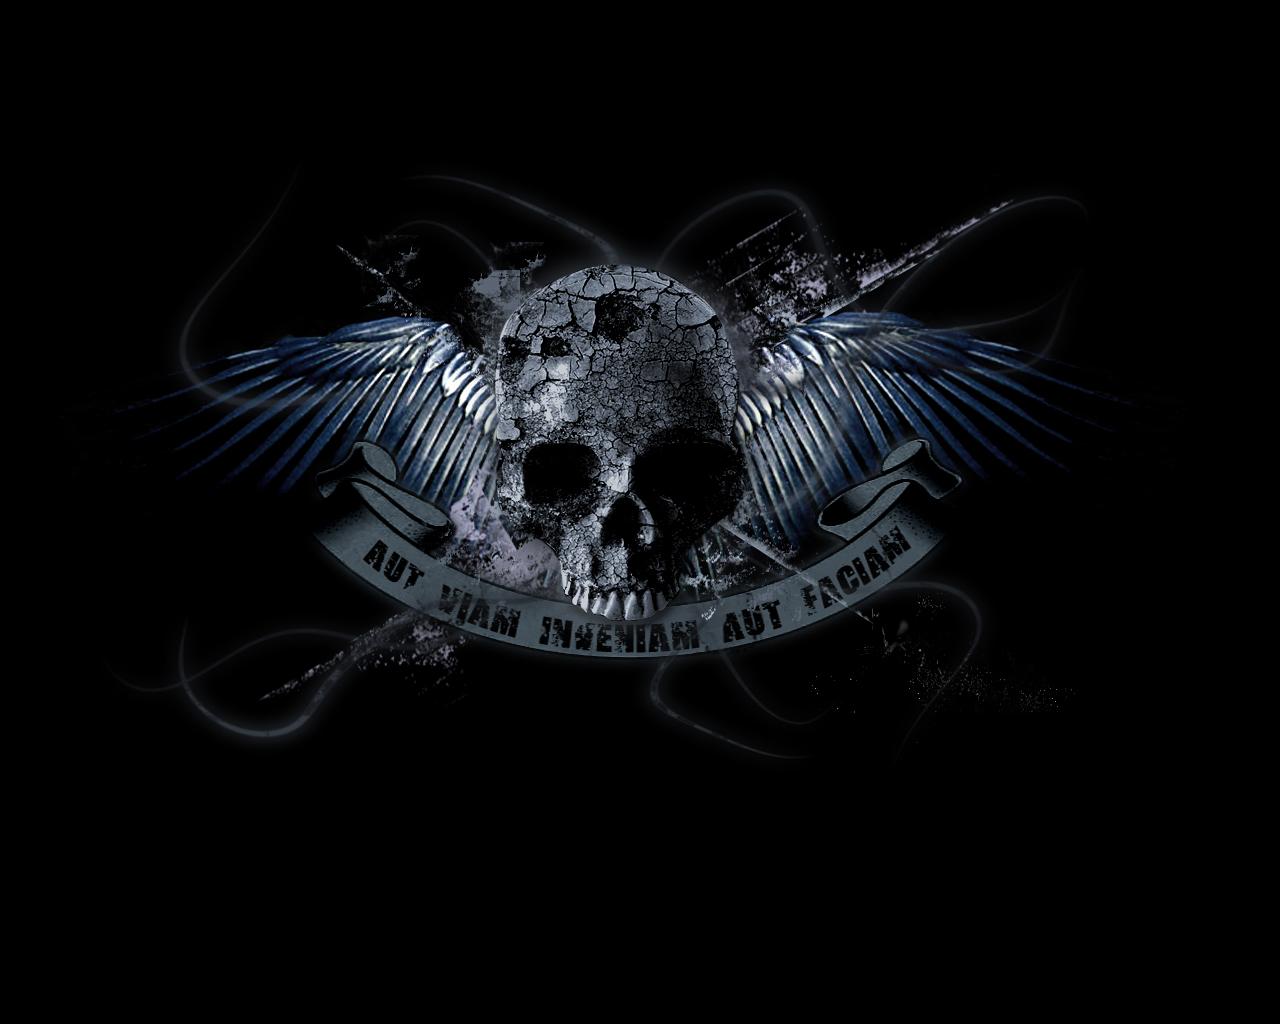 http://1.bp.blogspot.com/-QhzcjjPRDqI/T9xuSrXJqnI/AAAAAAAAApc/s4kM7KI_OC0/s1600/Dark-Skull-wallpaper.jpg